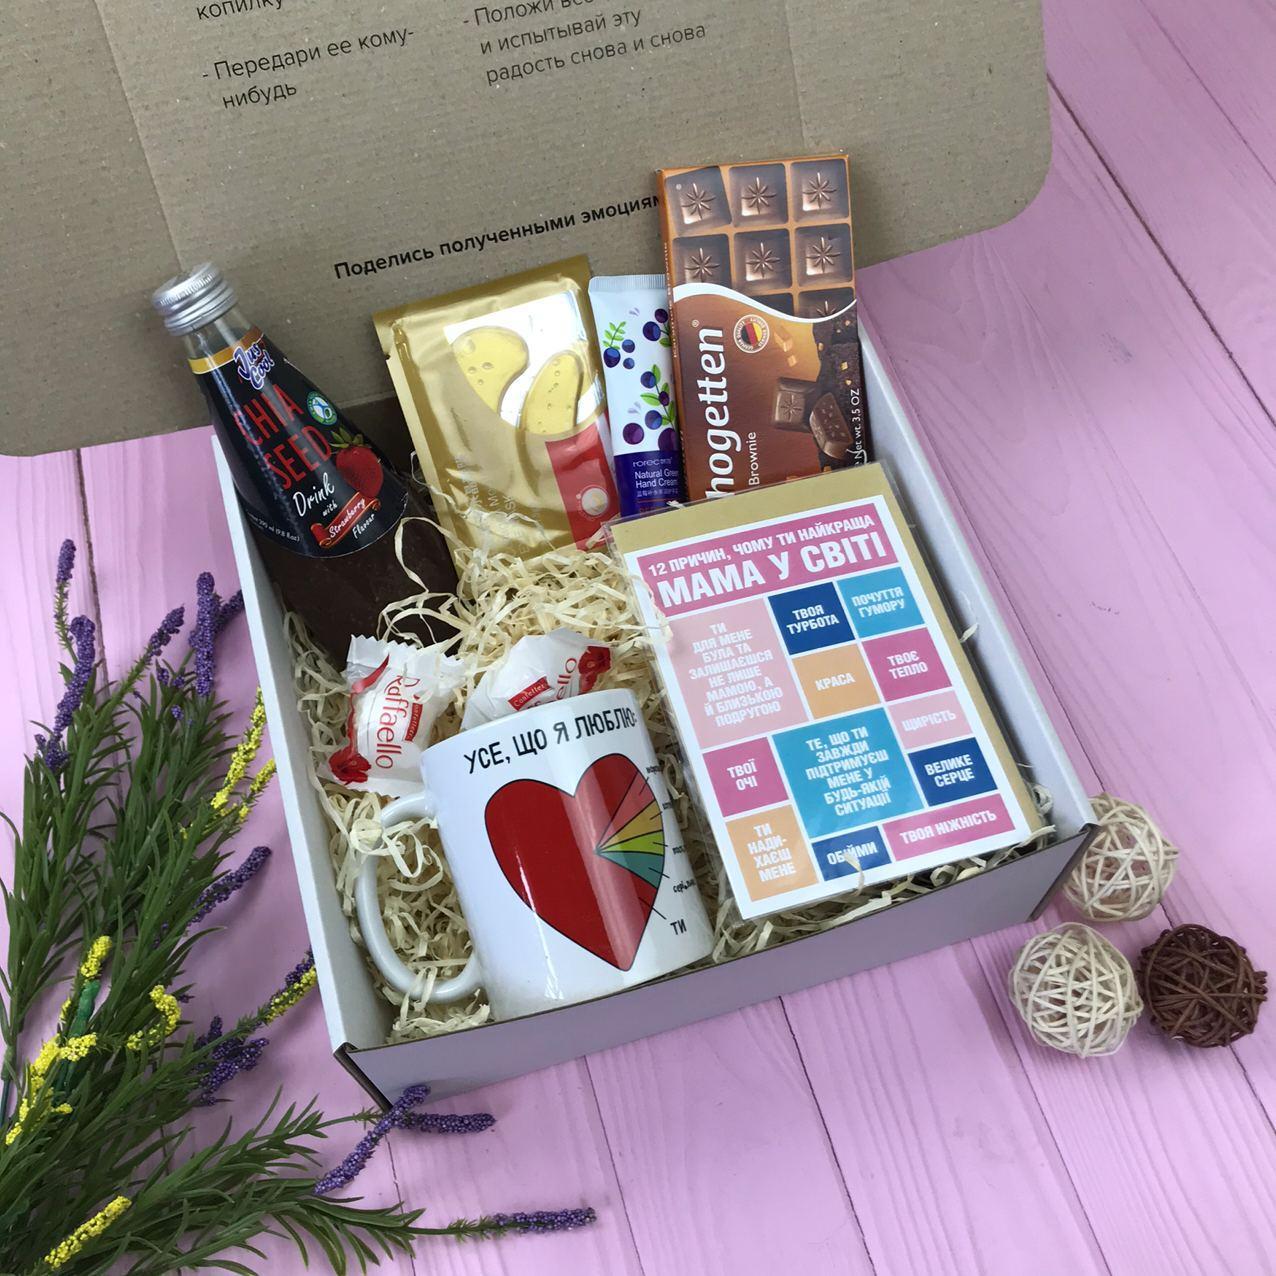 Подарочный Набор City-A Box Бокс для Женщины Мамы из 7 ед №2474